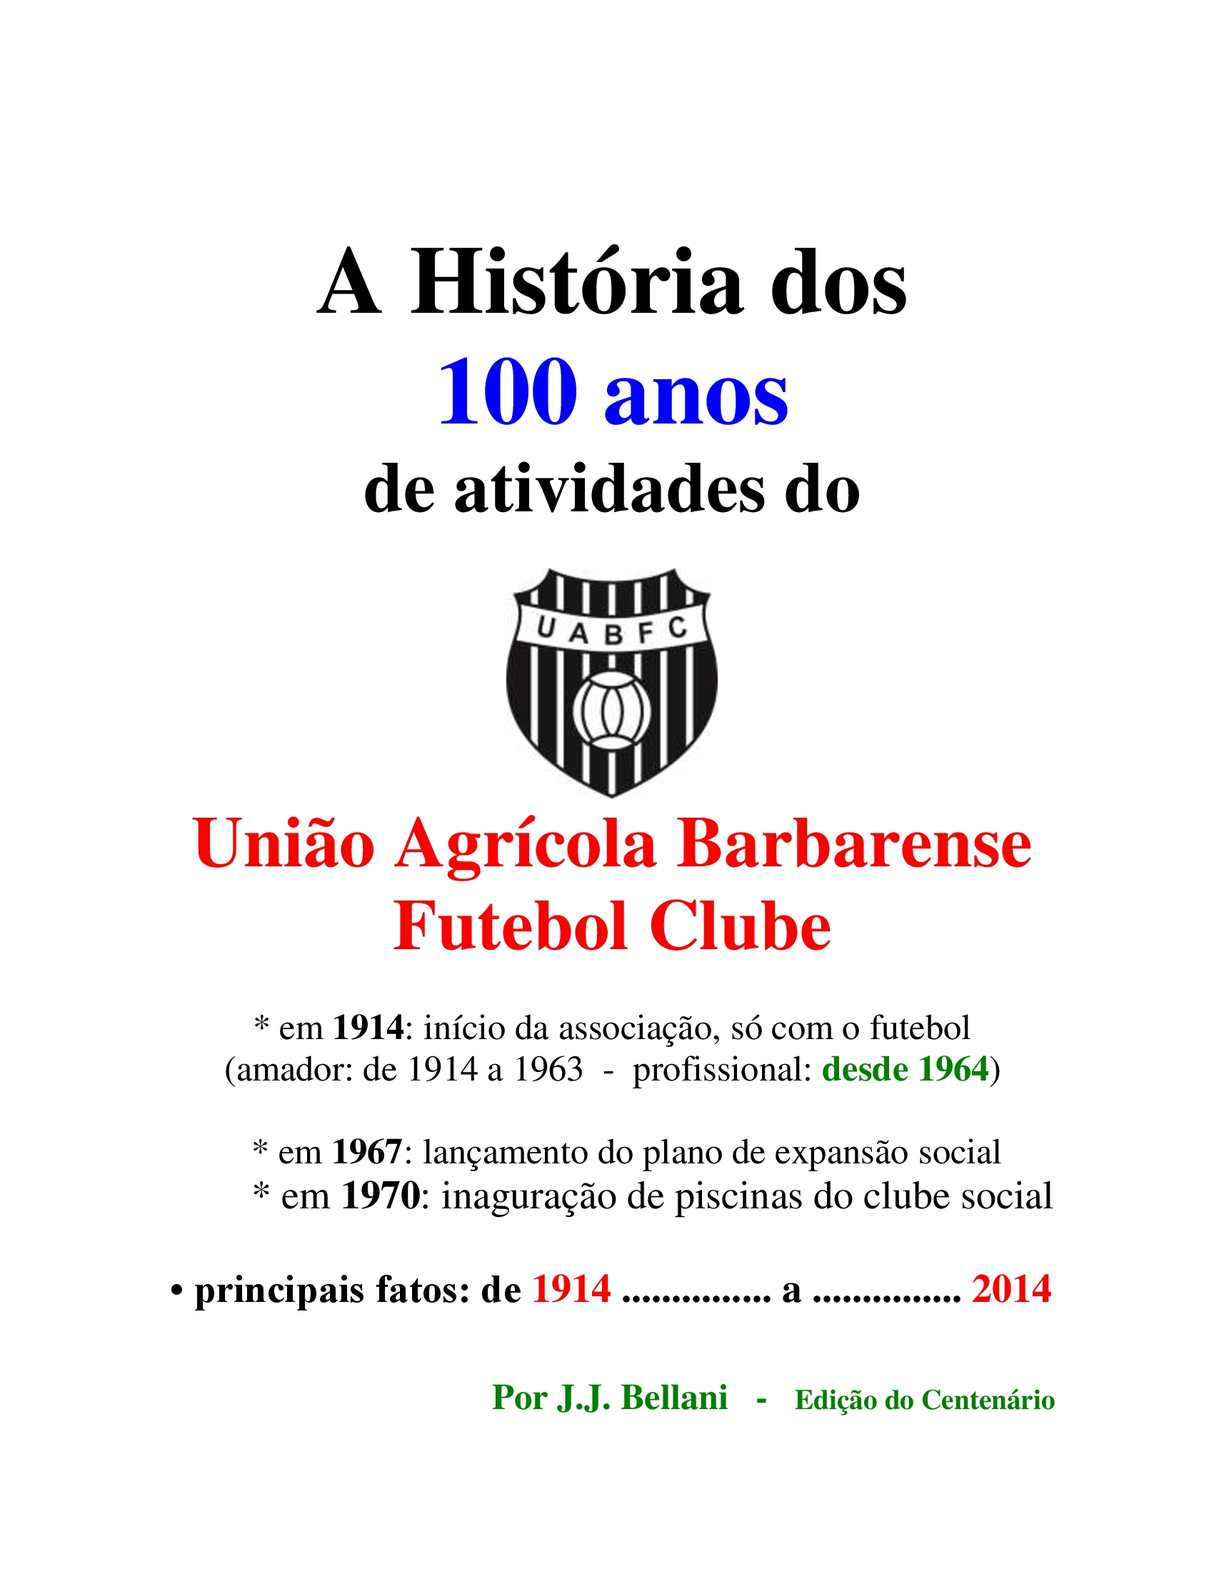 2aa2c39ee2 Calaméo - Livro  A história dos 100 anos do União ABFC